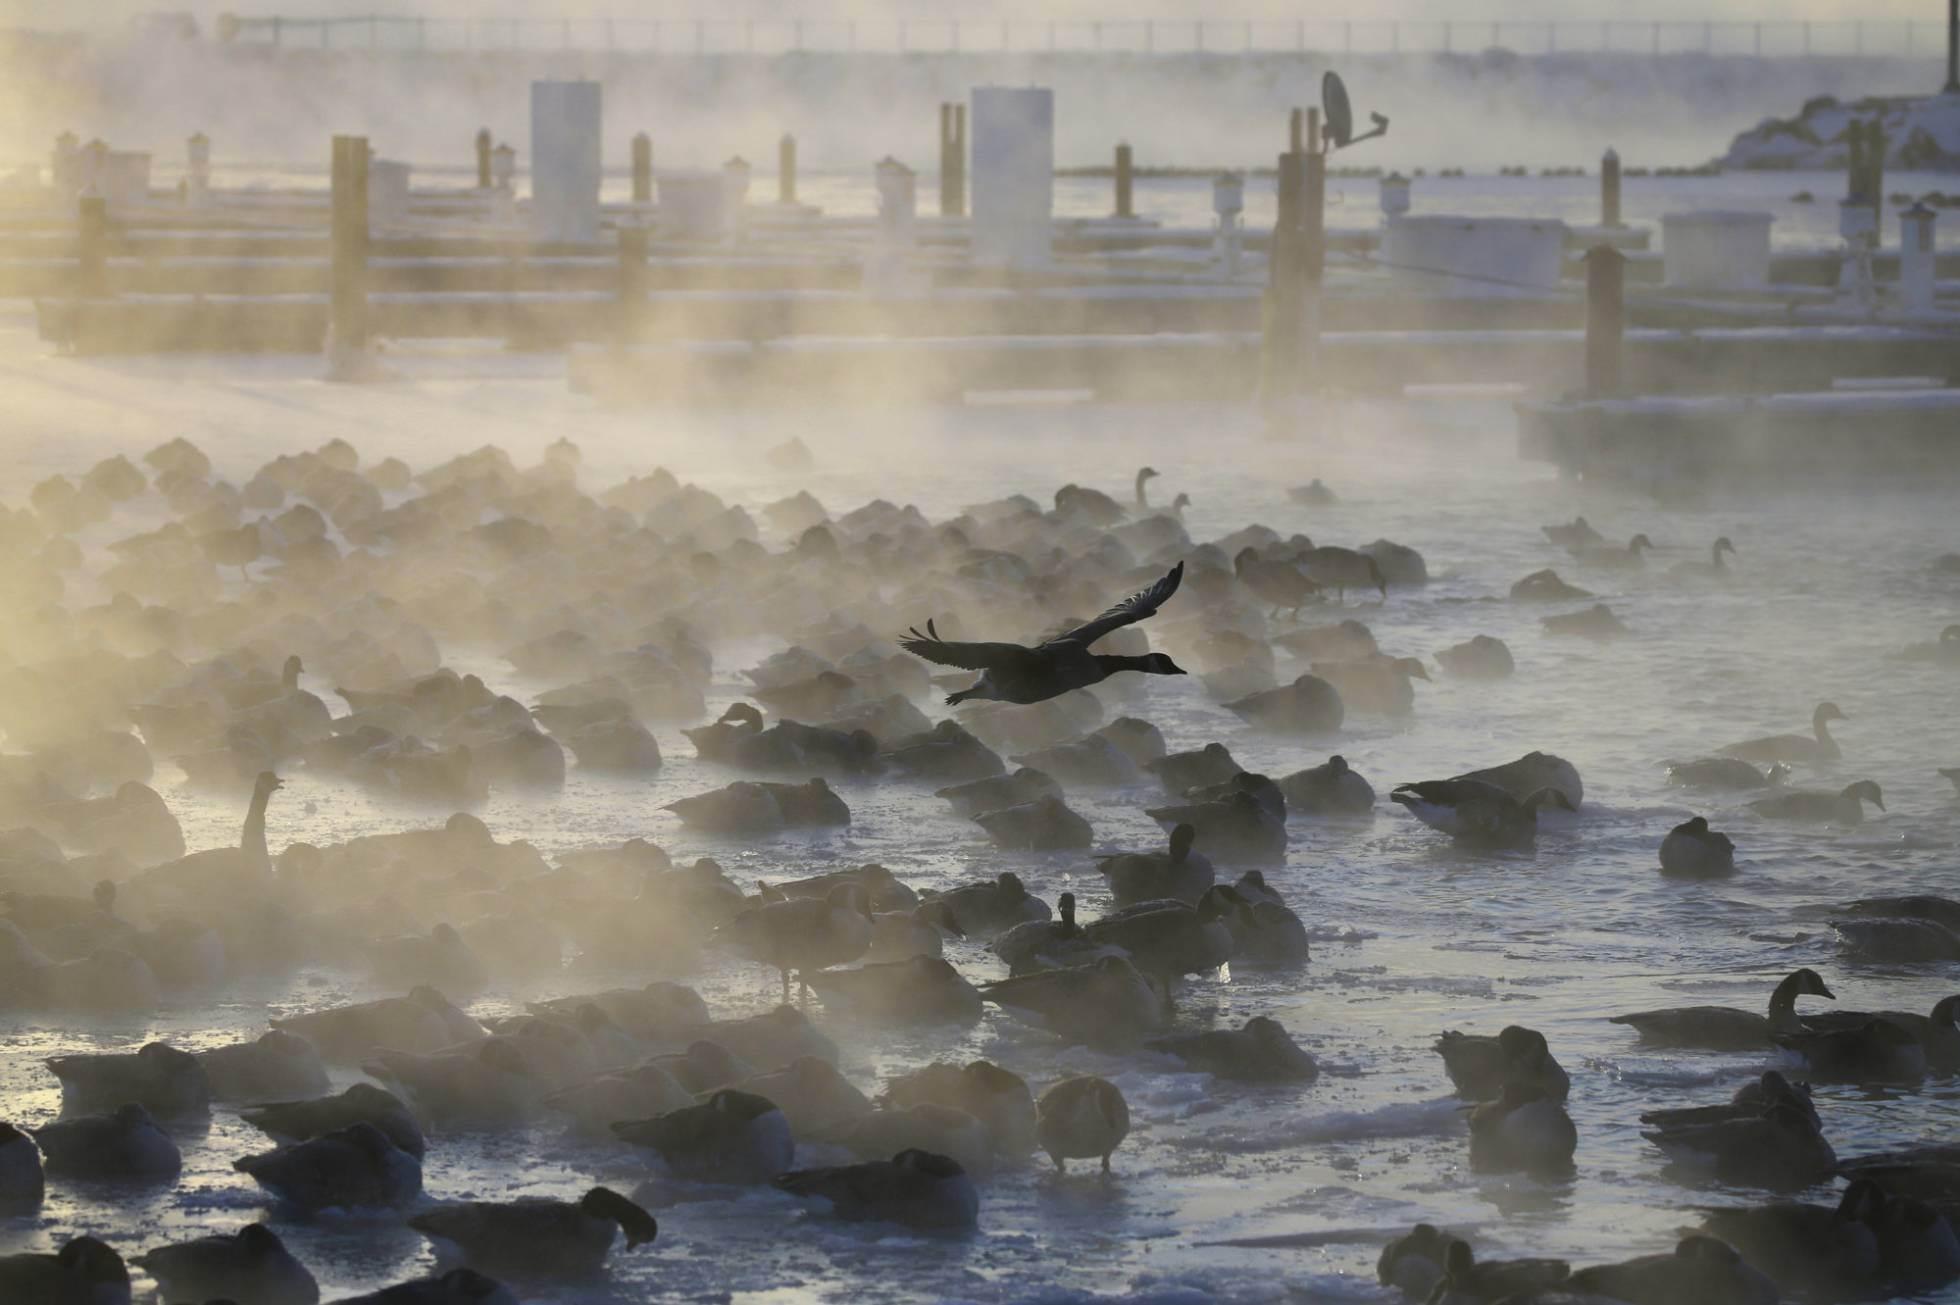 Gansos apiñados en el agua mientras el sol sale en el puerto de Port Washington de Wisconsin, el 30 de enero.